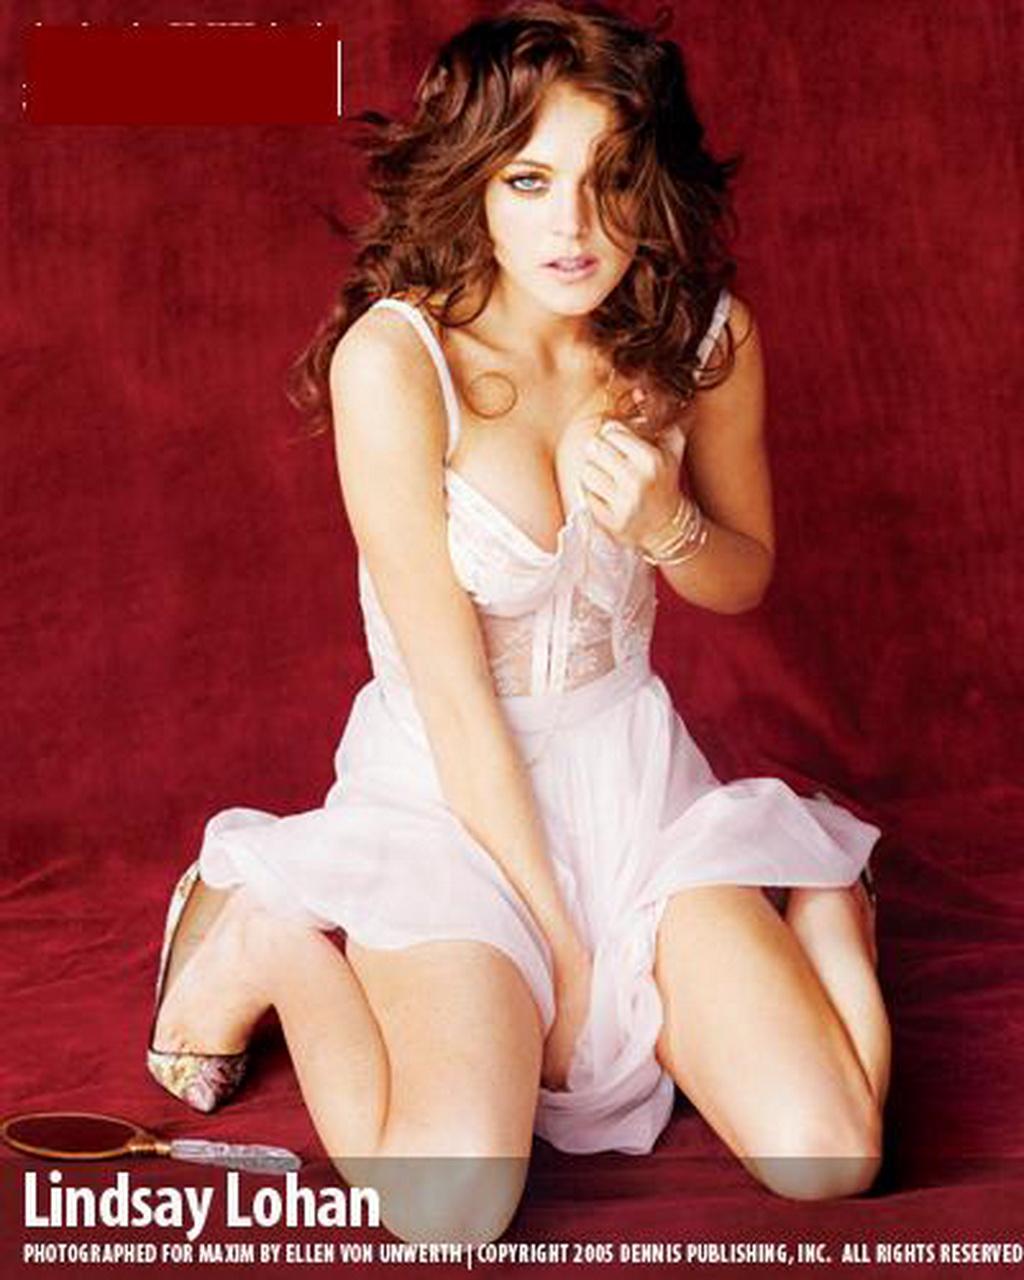 http://4.bp.blogspot.com/-2Xw_4D-nuPQ/TpleDAOMmHI/AAAAAAAAAh8/Z0MlyO3SsvM/s1600/hotcelebritynewsgossip.blogspot.com-Lindsay-Lohan-0.jpg